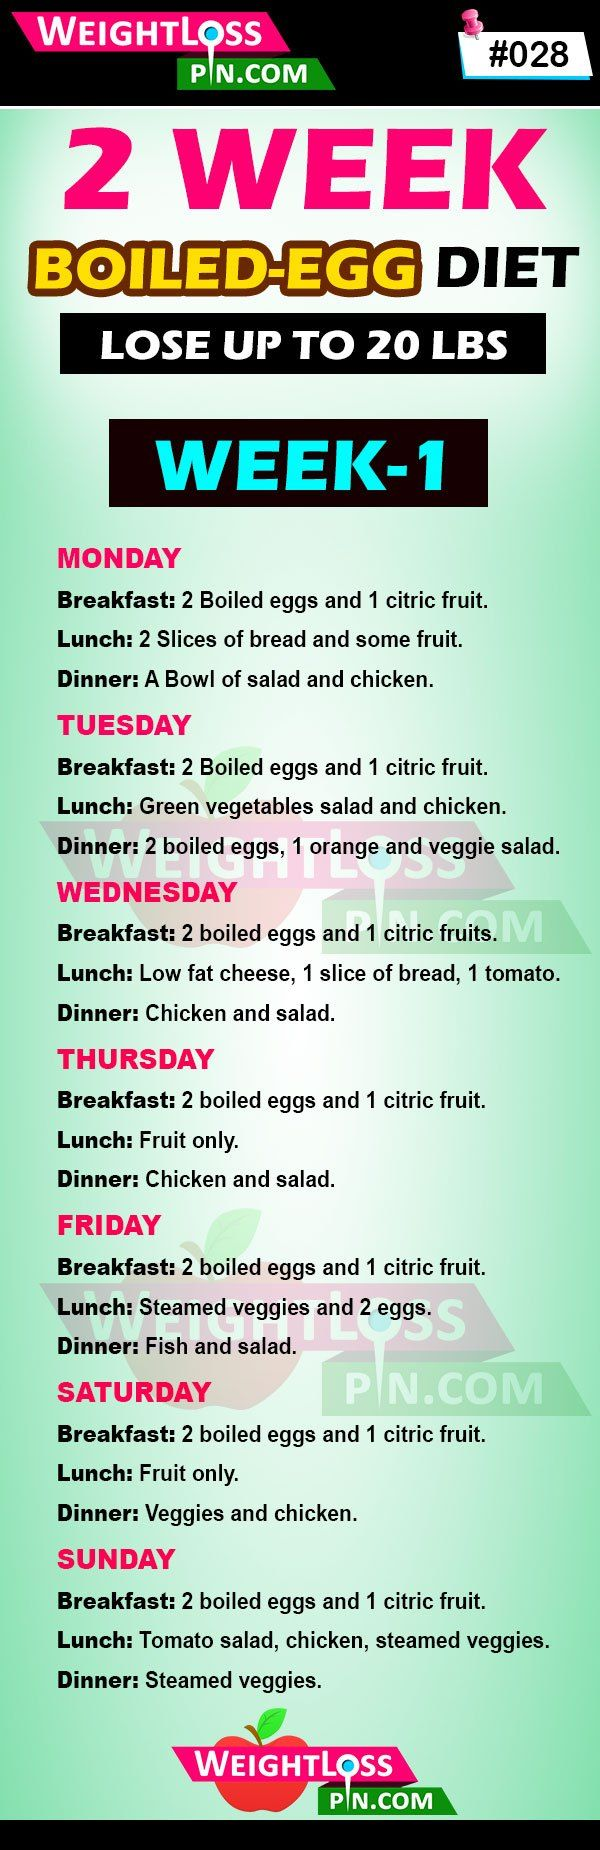 Cum să pierdeți greutatea în 1 săptămână Aruncați 10 lire sterline în 7 zile